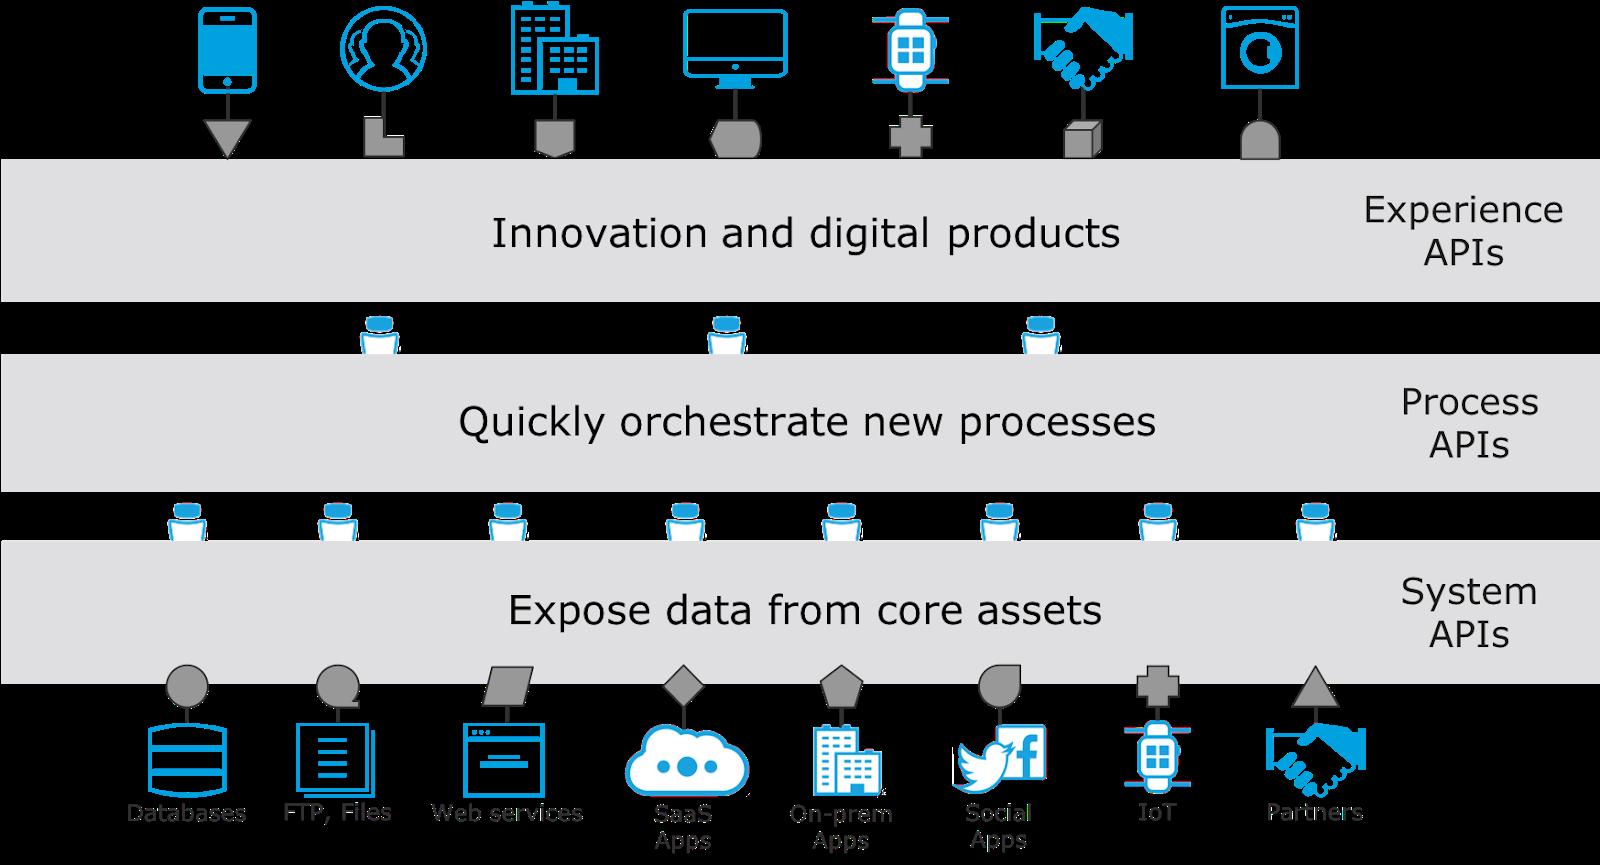 API のレイヤ。まずシステム API はアプリケーションとサービスに接続され、プロセス API は中間にあってオーケストレーションを担当し、エクスペリエンス API はアプリケーション専用に構築されます。